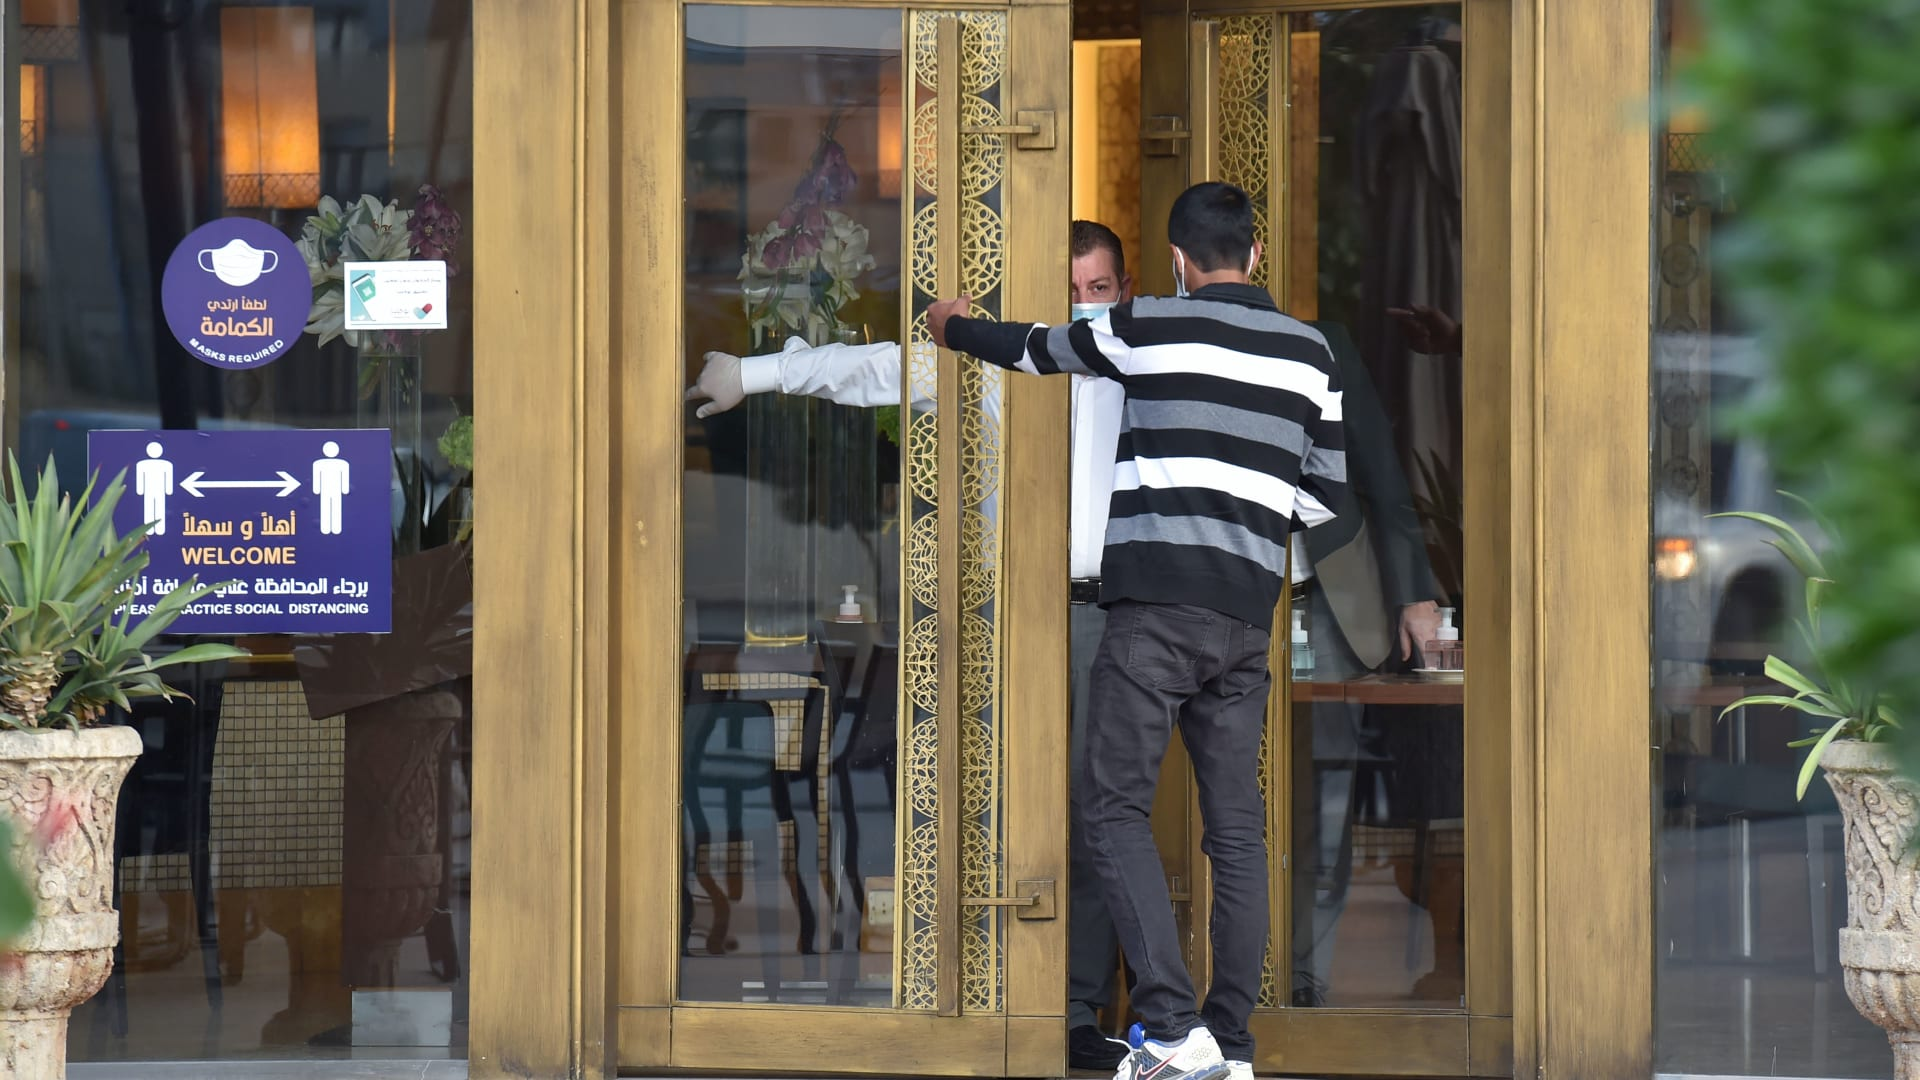 صورة أرشيفية لنادل في مطعم سعودي يساعد شخصا للعثور على الاتجاه الصحيح